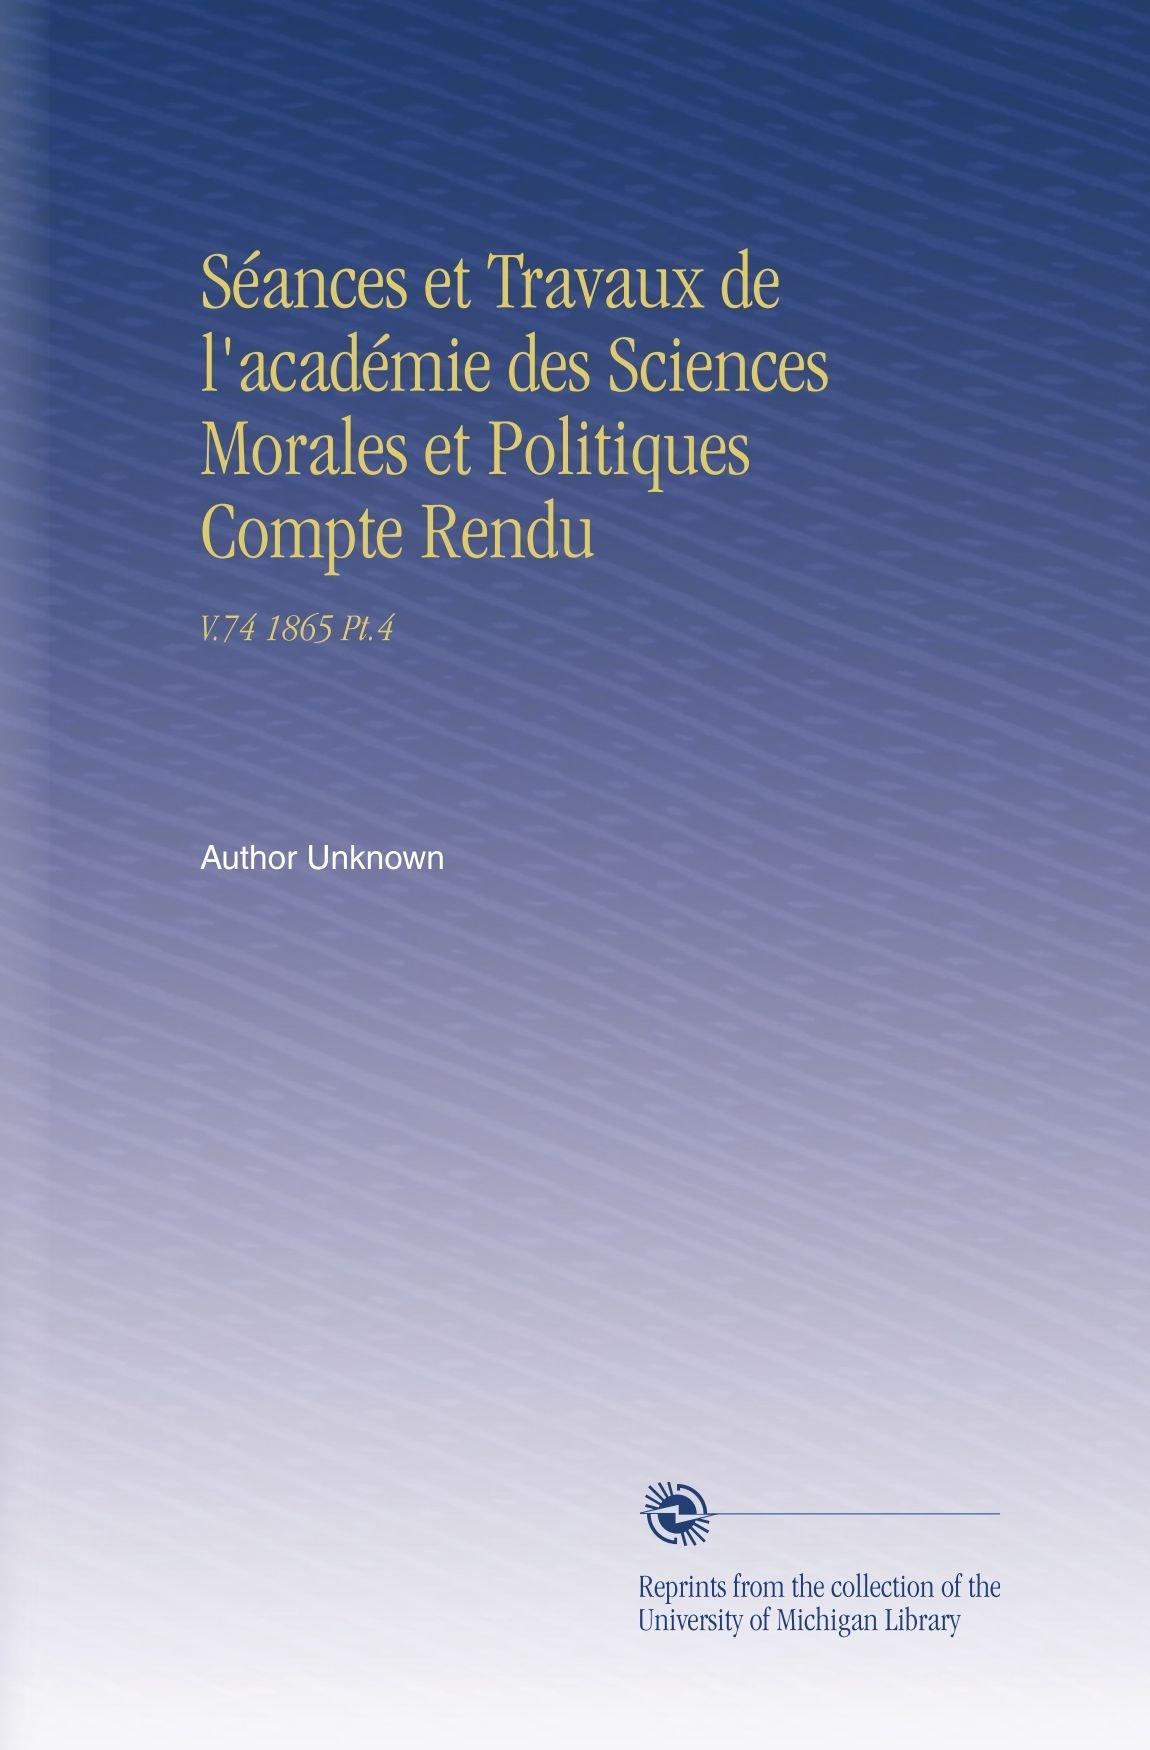 Download Séances et Travaux de l'académie des Sciences Morales et Politiques Compte Rendu: V.74 1865 Pt.4 (French Edition) ebook